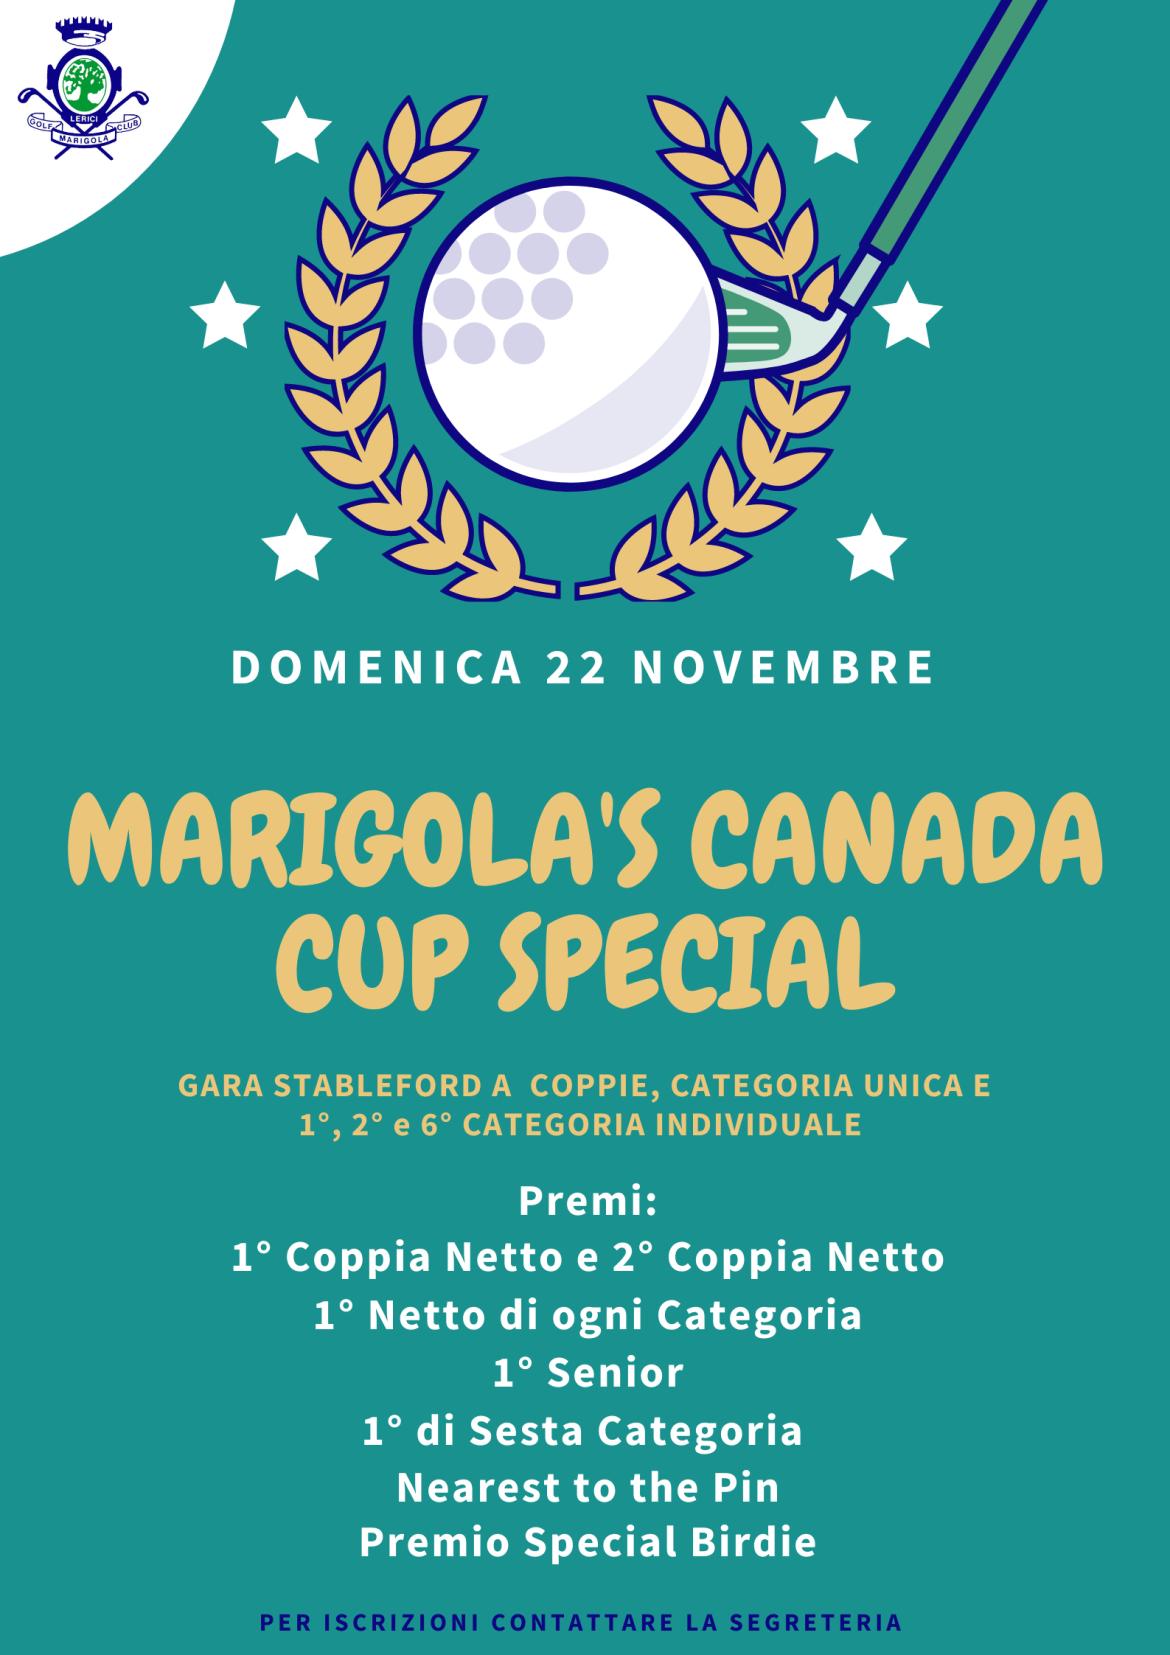 MARIGOLA'S CANADA CUP SPECIAL